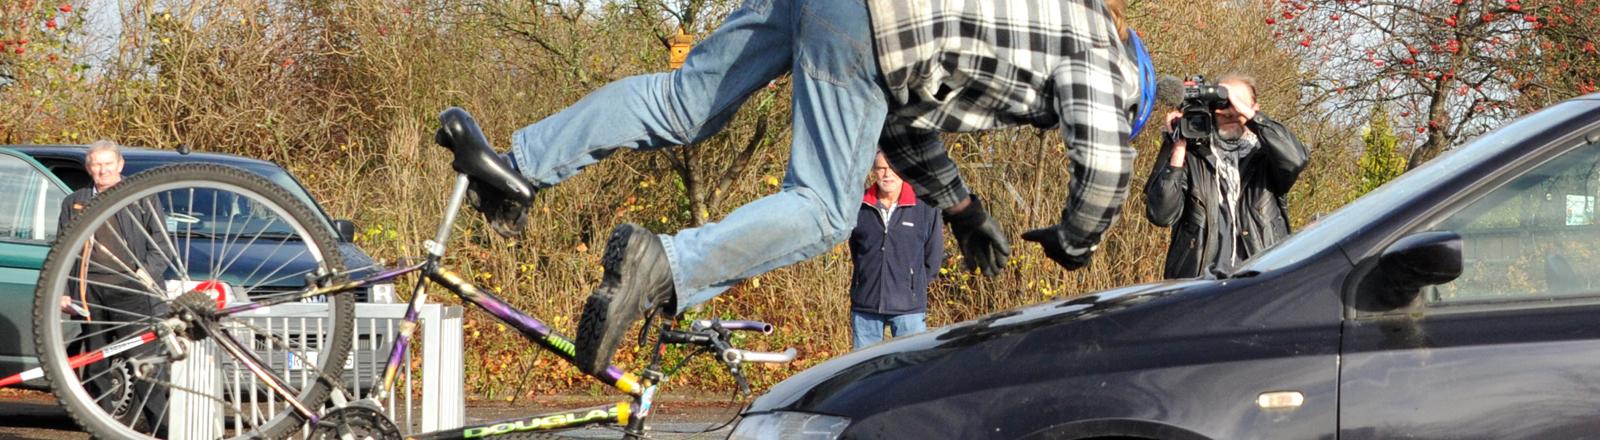 Ein Stuntman stellt einen Fahrradunfall nach